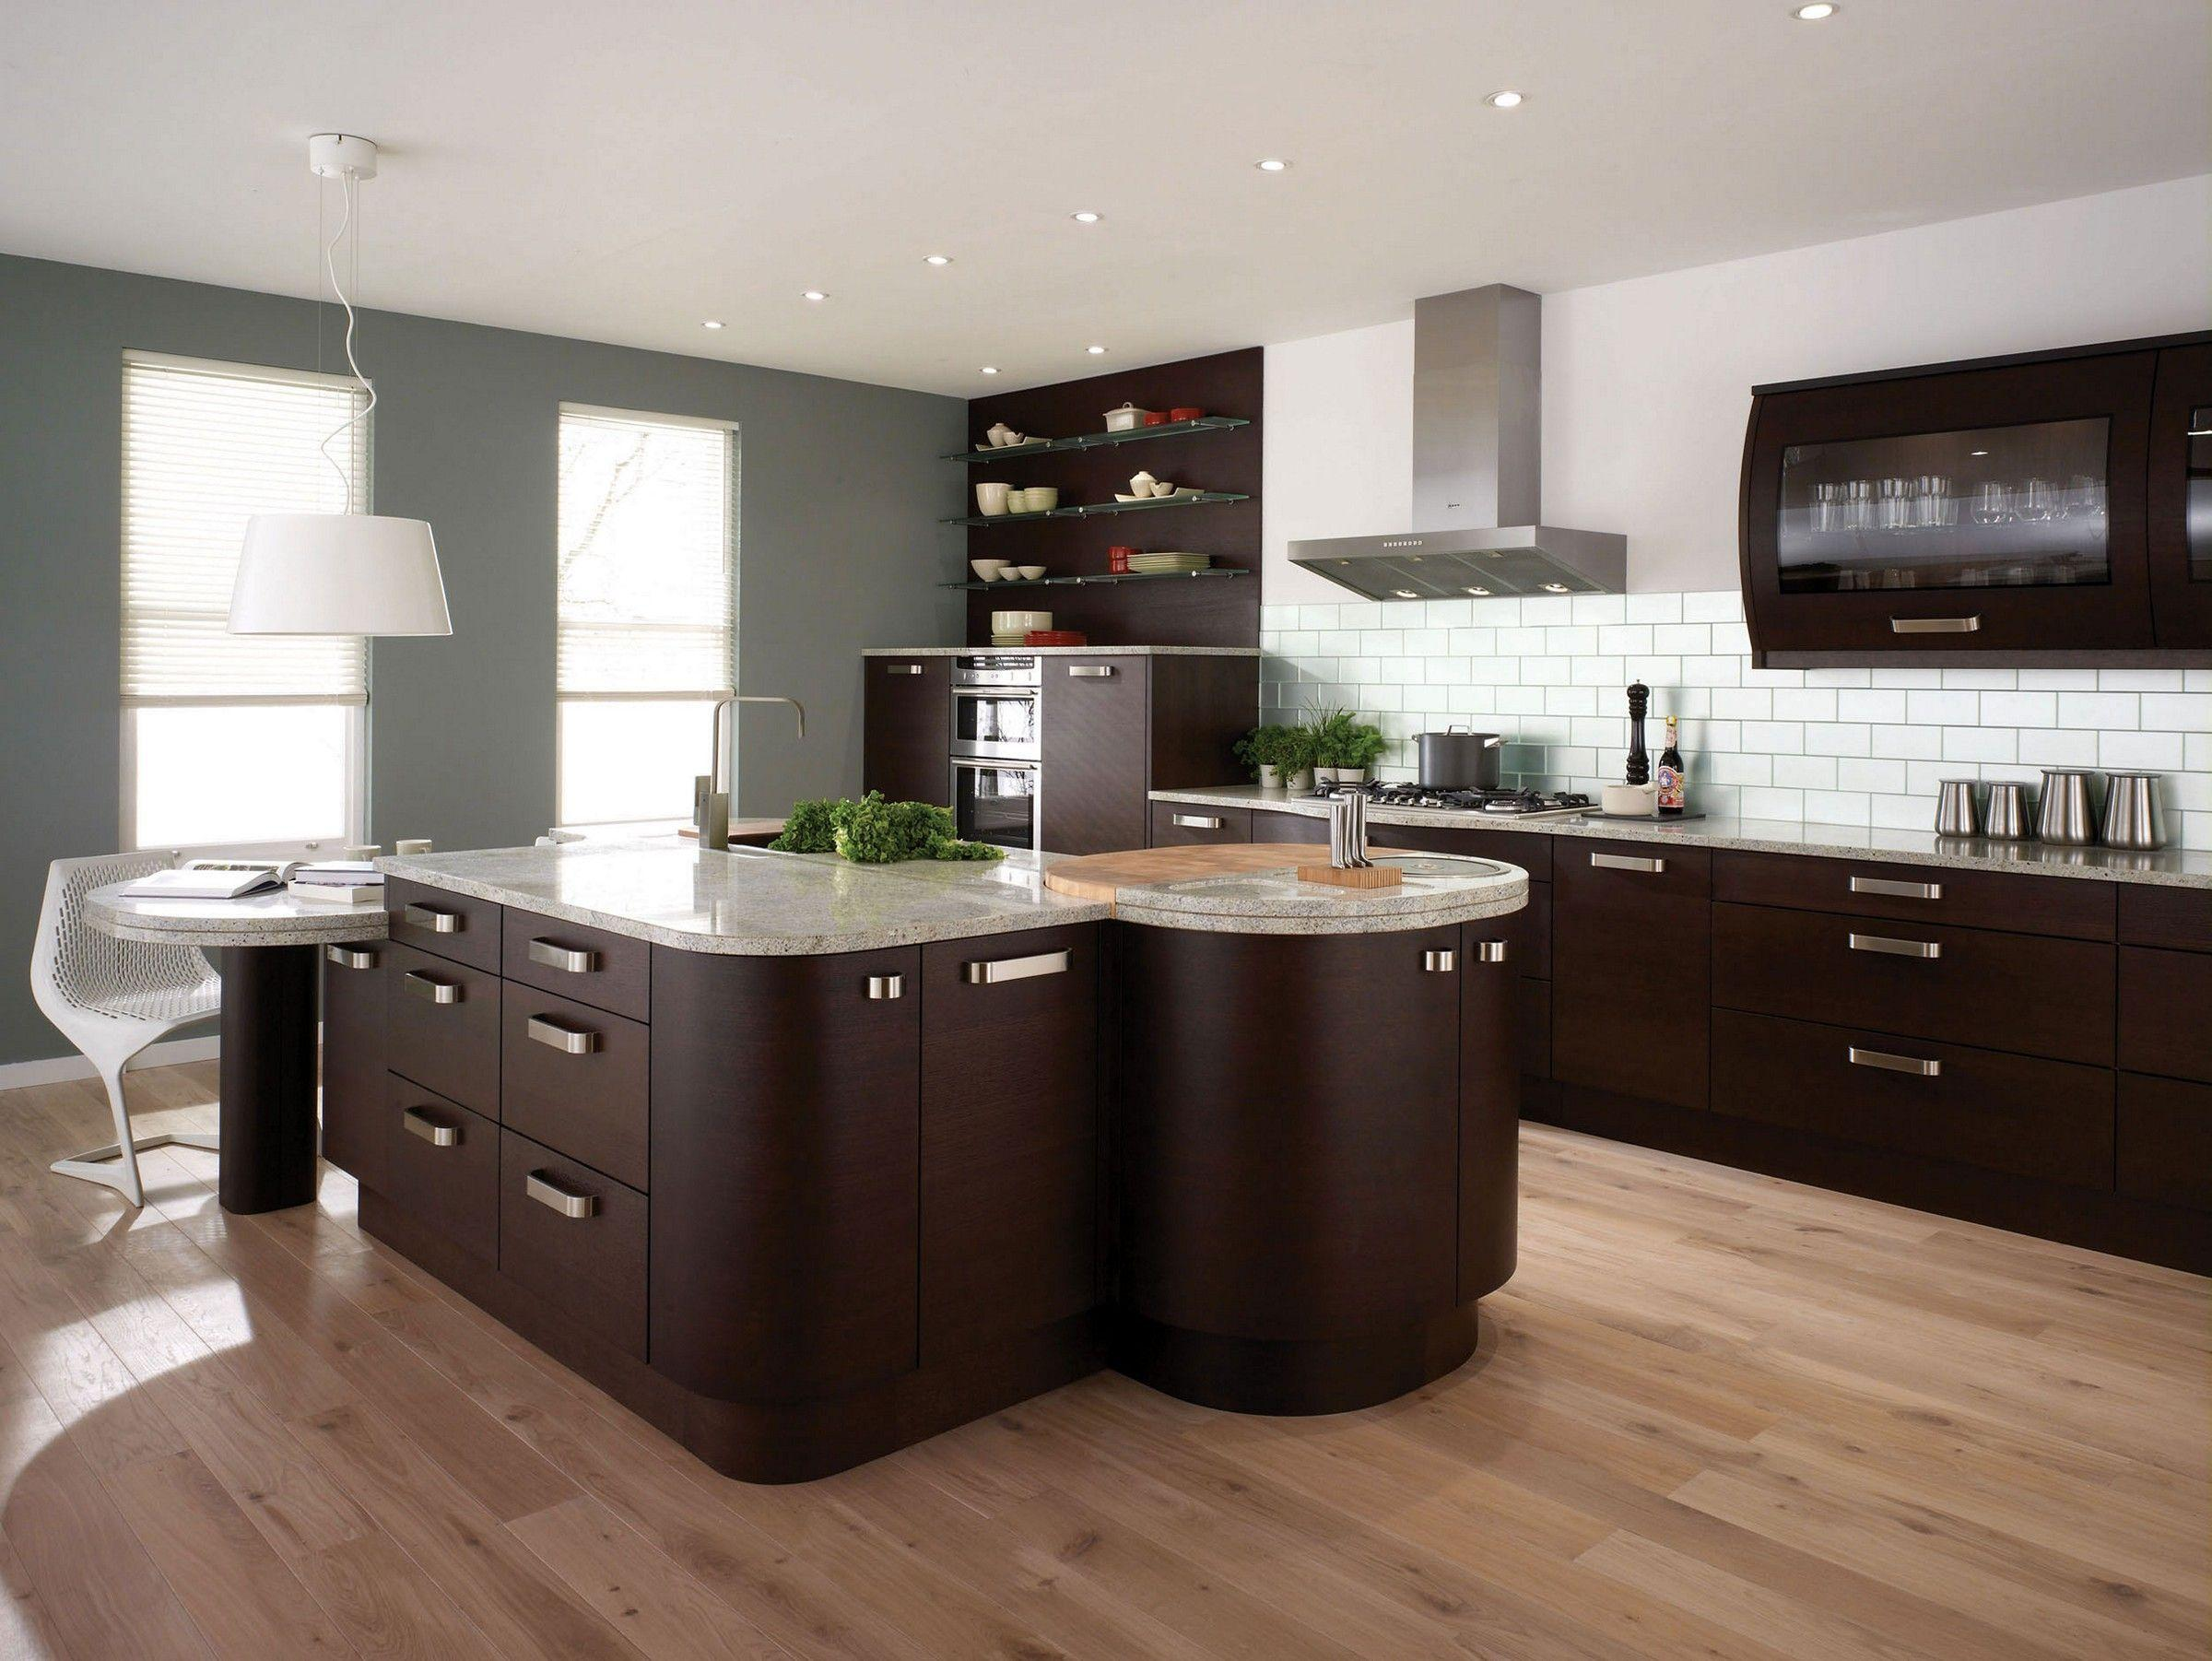 Foto: Reprodução / Casual Home Furnishings